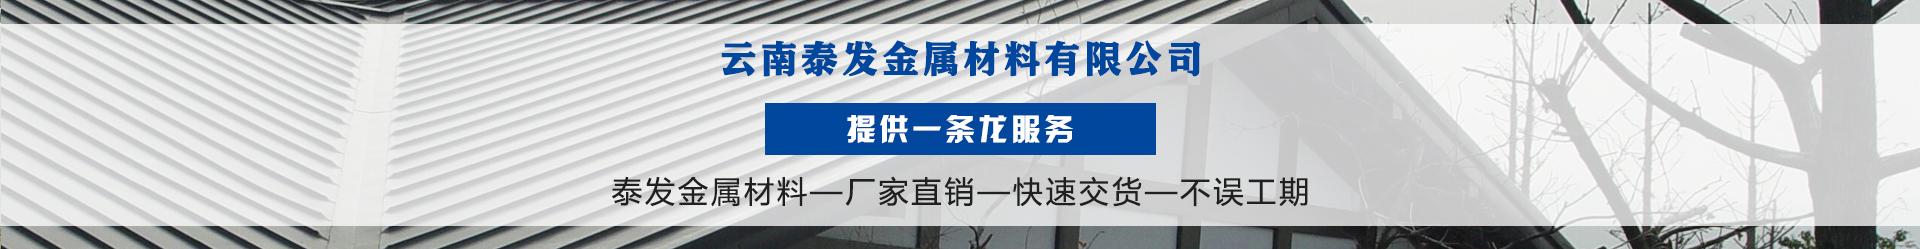 云南泰发金属材料公司提供一条龙服务